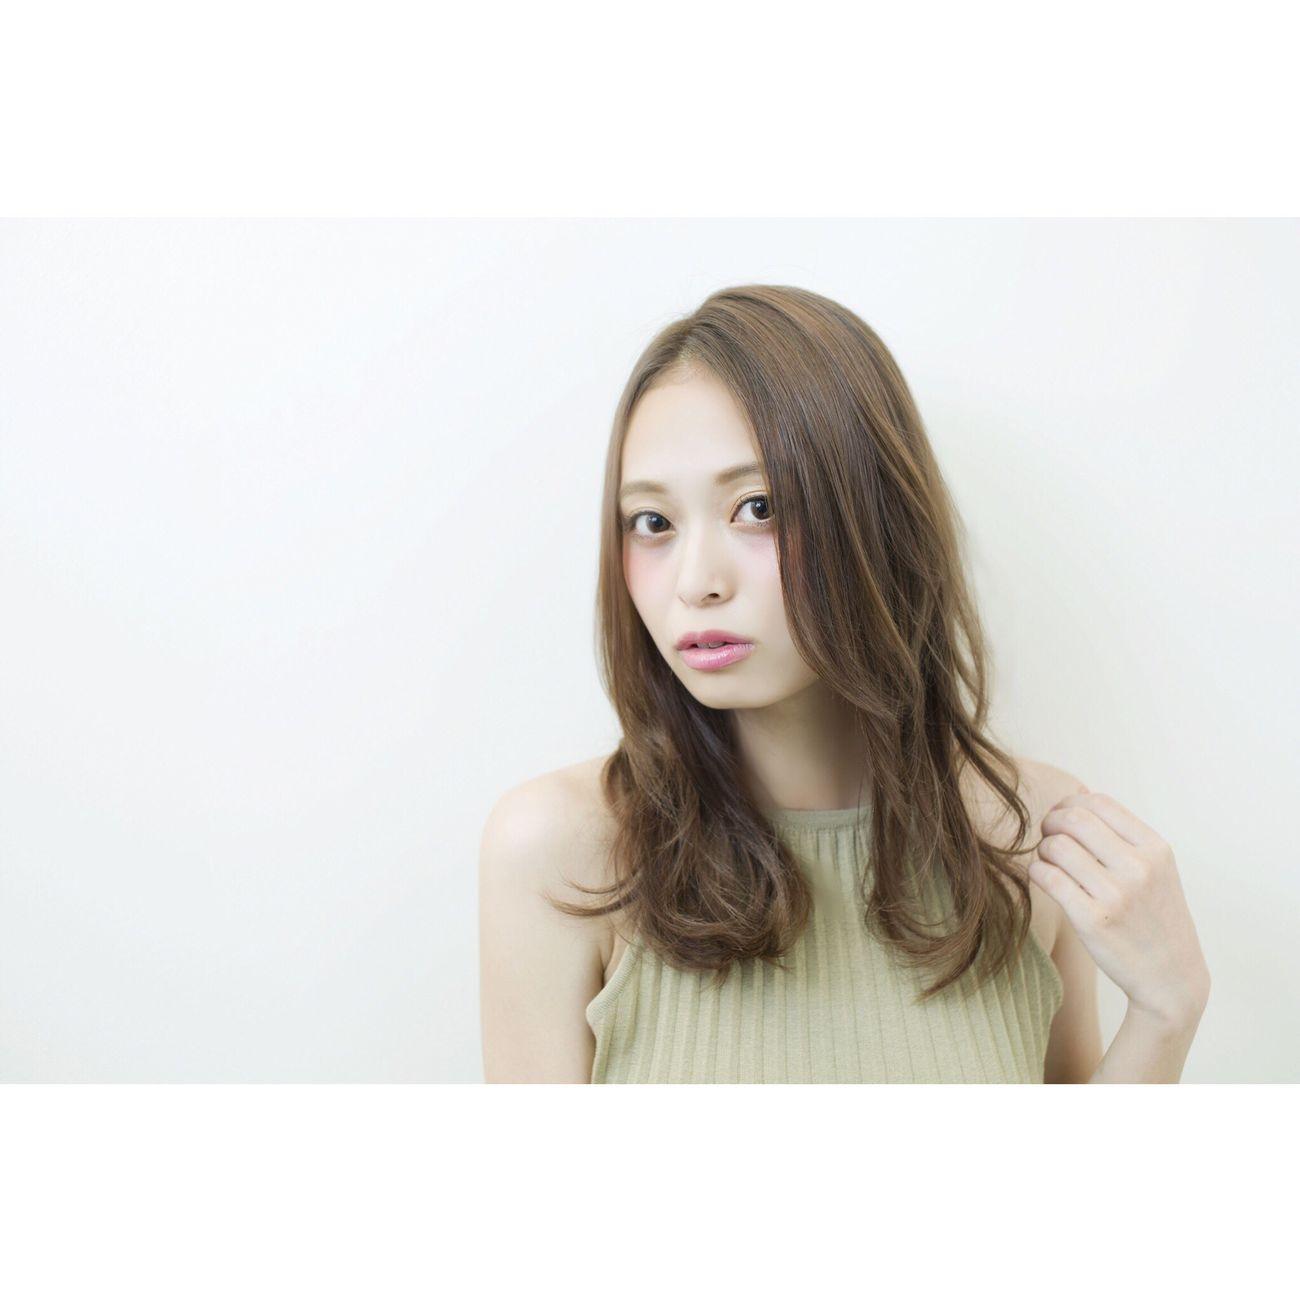 別ショット 美容室 サロンモデル 箕面 Hair Beauty Beauty Girl Japan Japanese Girl Kokubutoshinobu Hairstyle